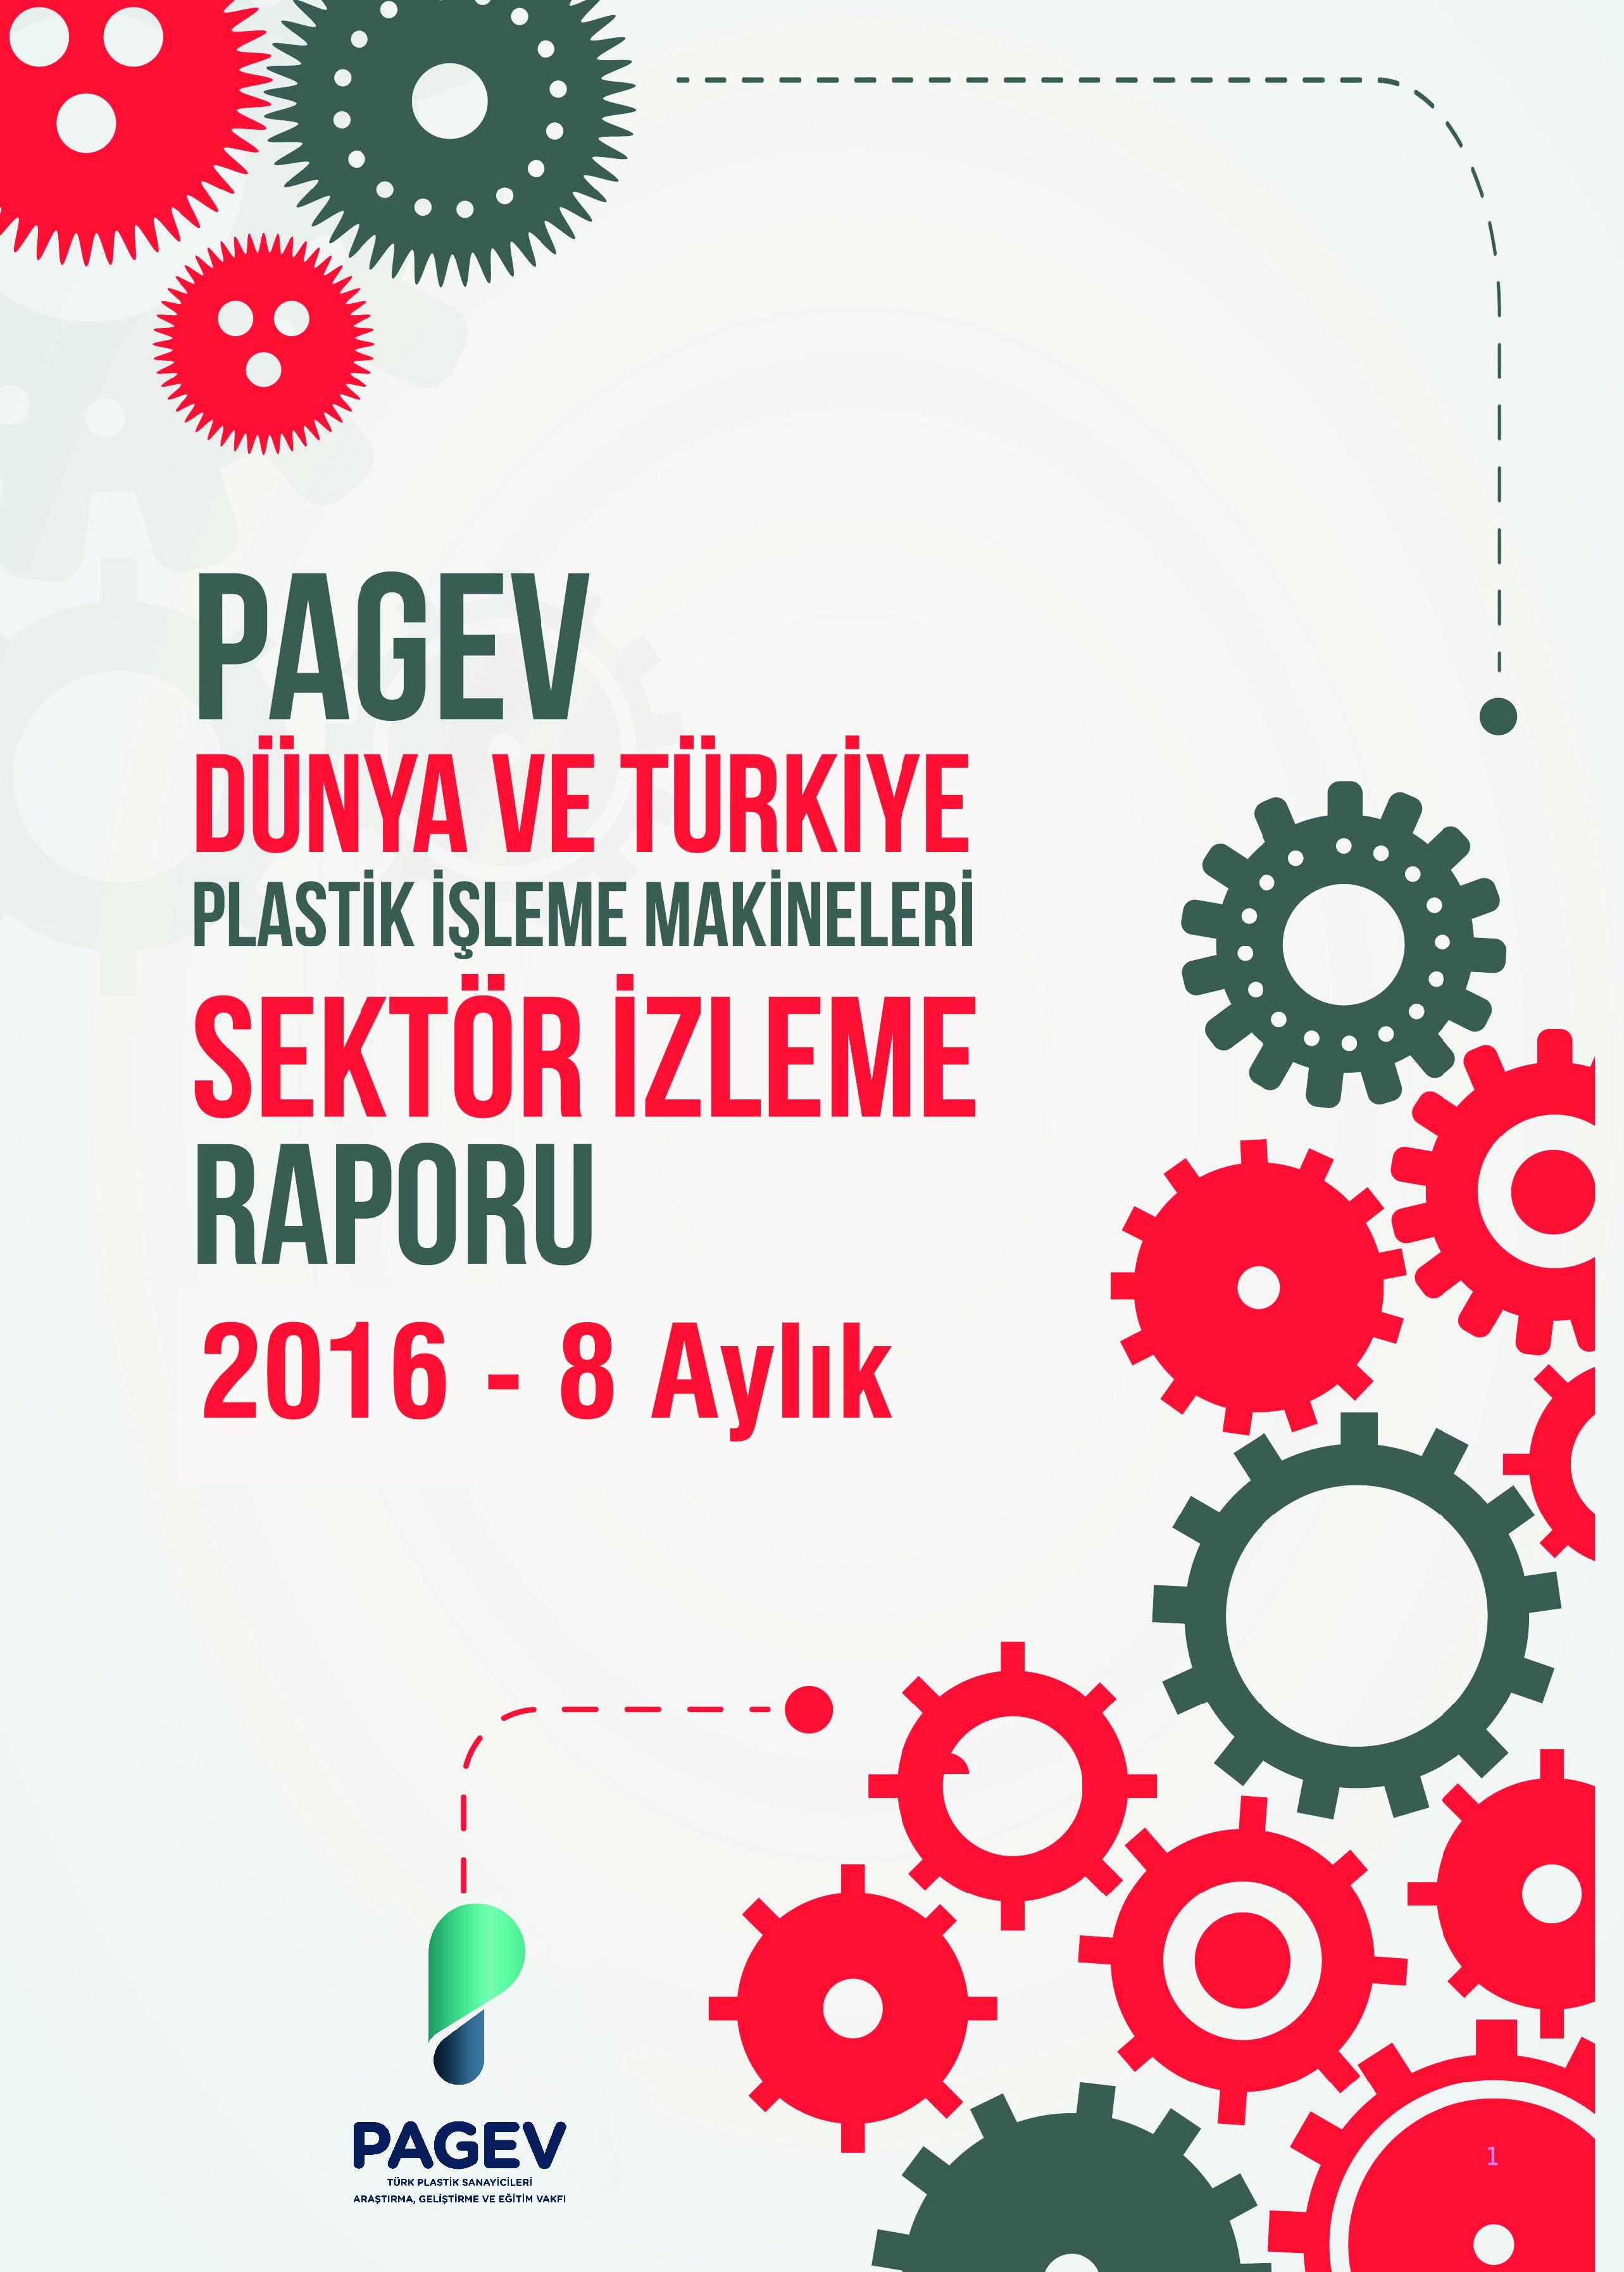 Türkiye Plastik İşleme Makineleri Sektör İzleme Raporu 2016 / İlk 8 Ay